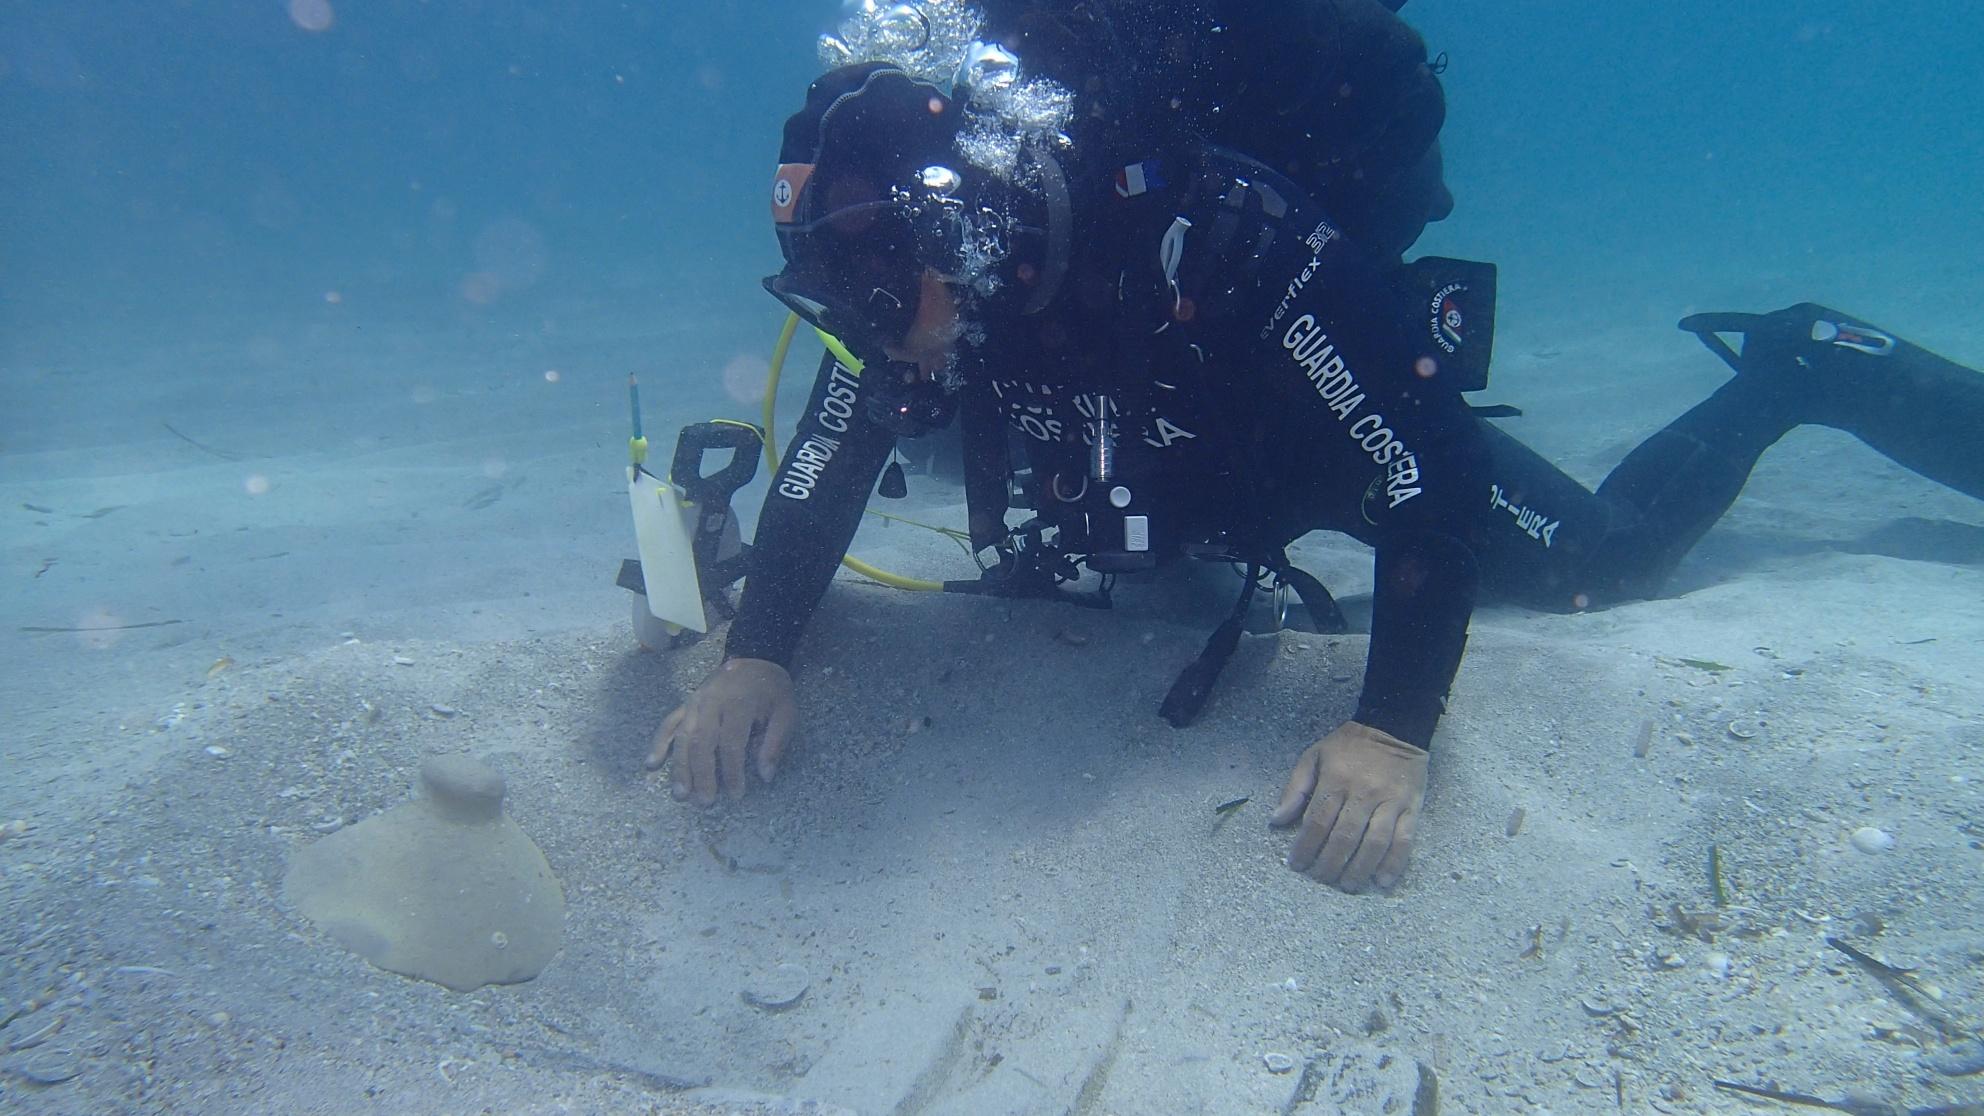 Aggiornamento sulle raccomandazioni tecniche della Guardia Costiera italiana per lo svolgimento delle attività subacquee ricreative